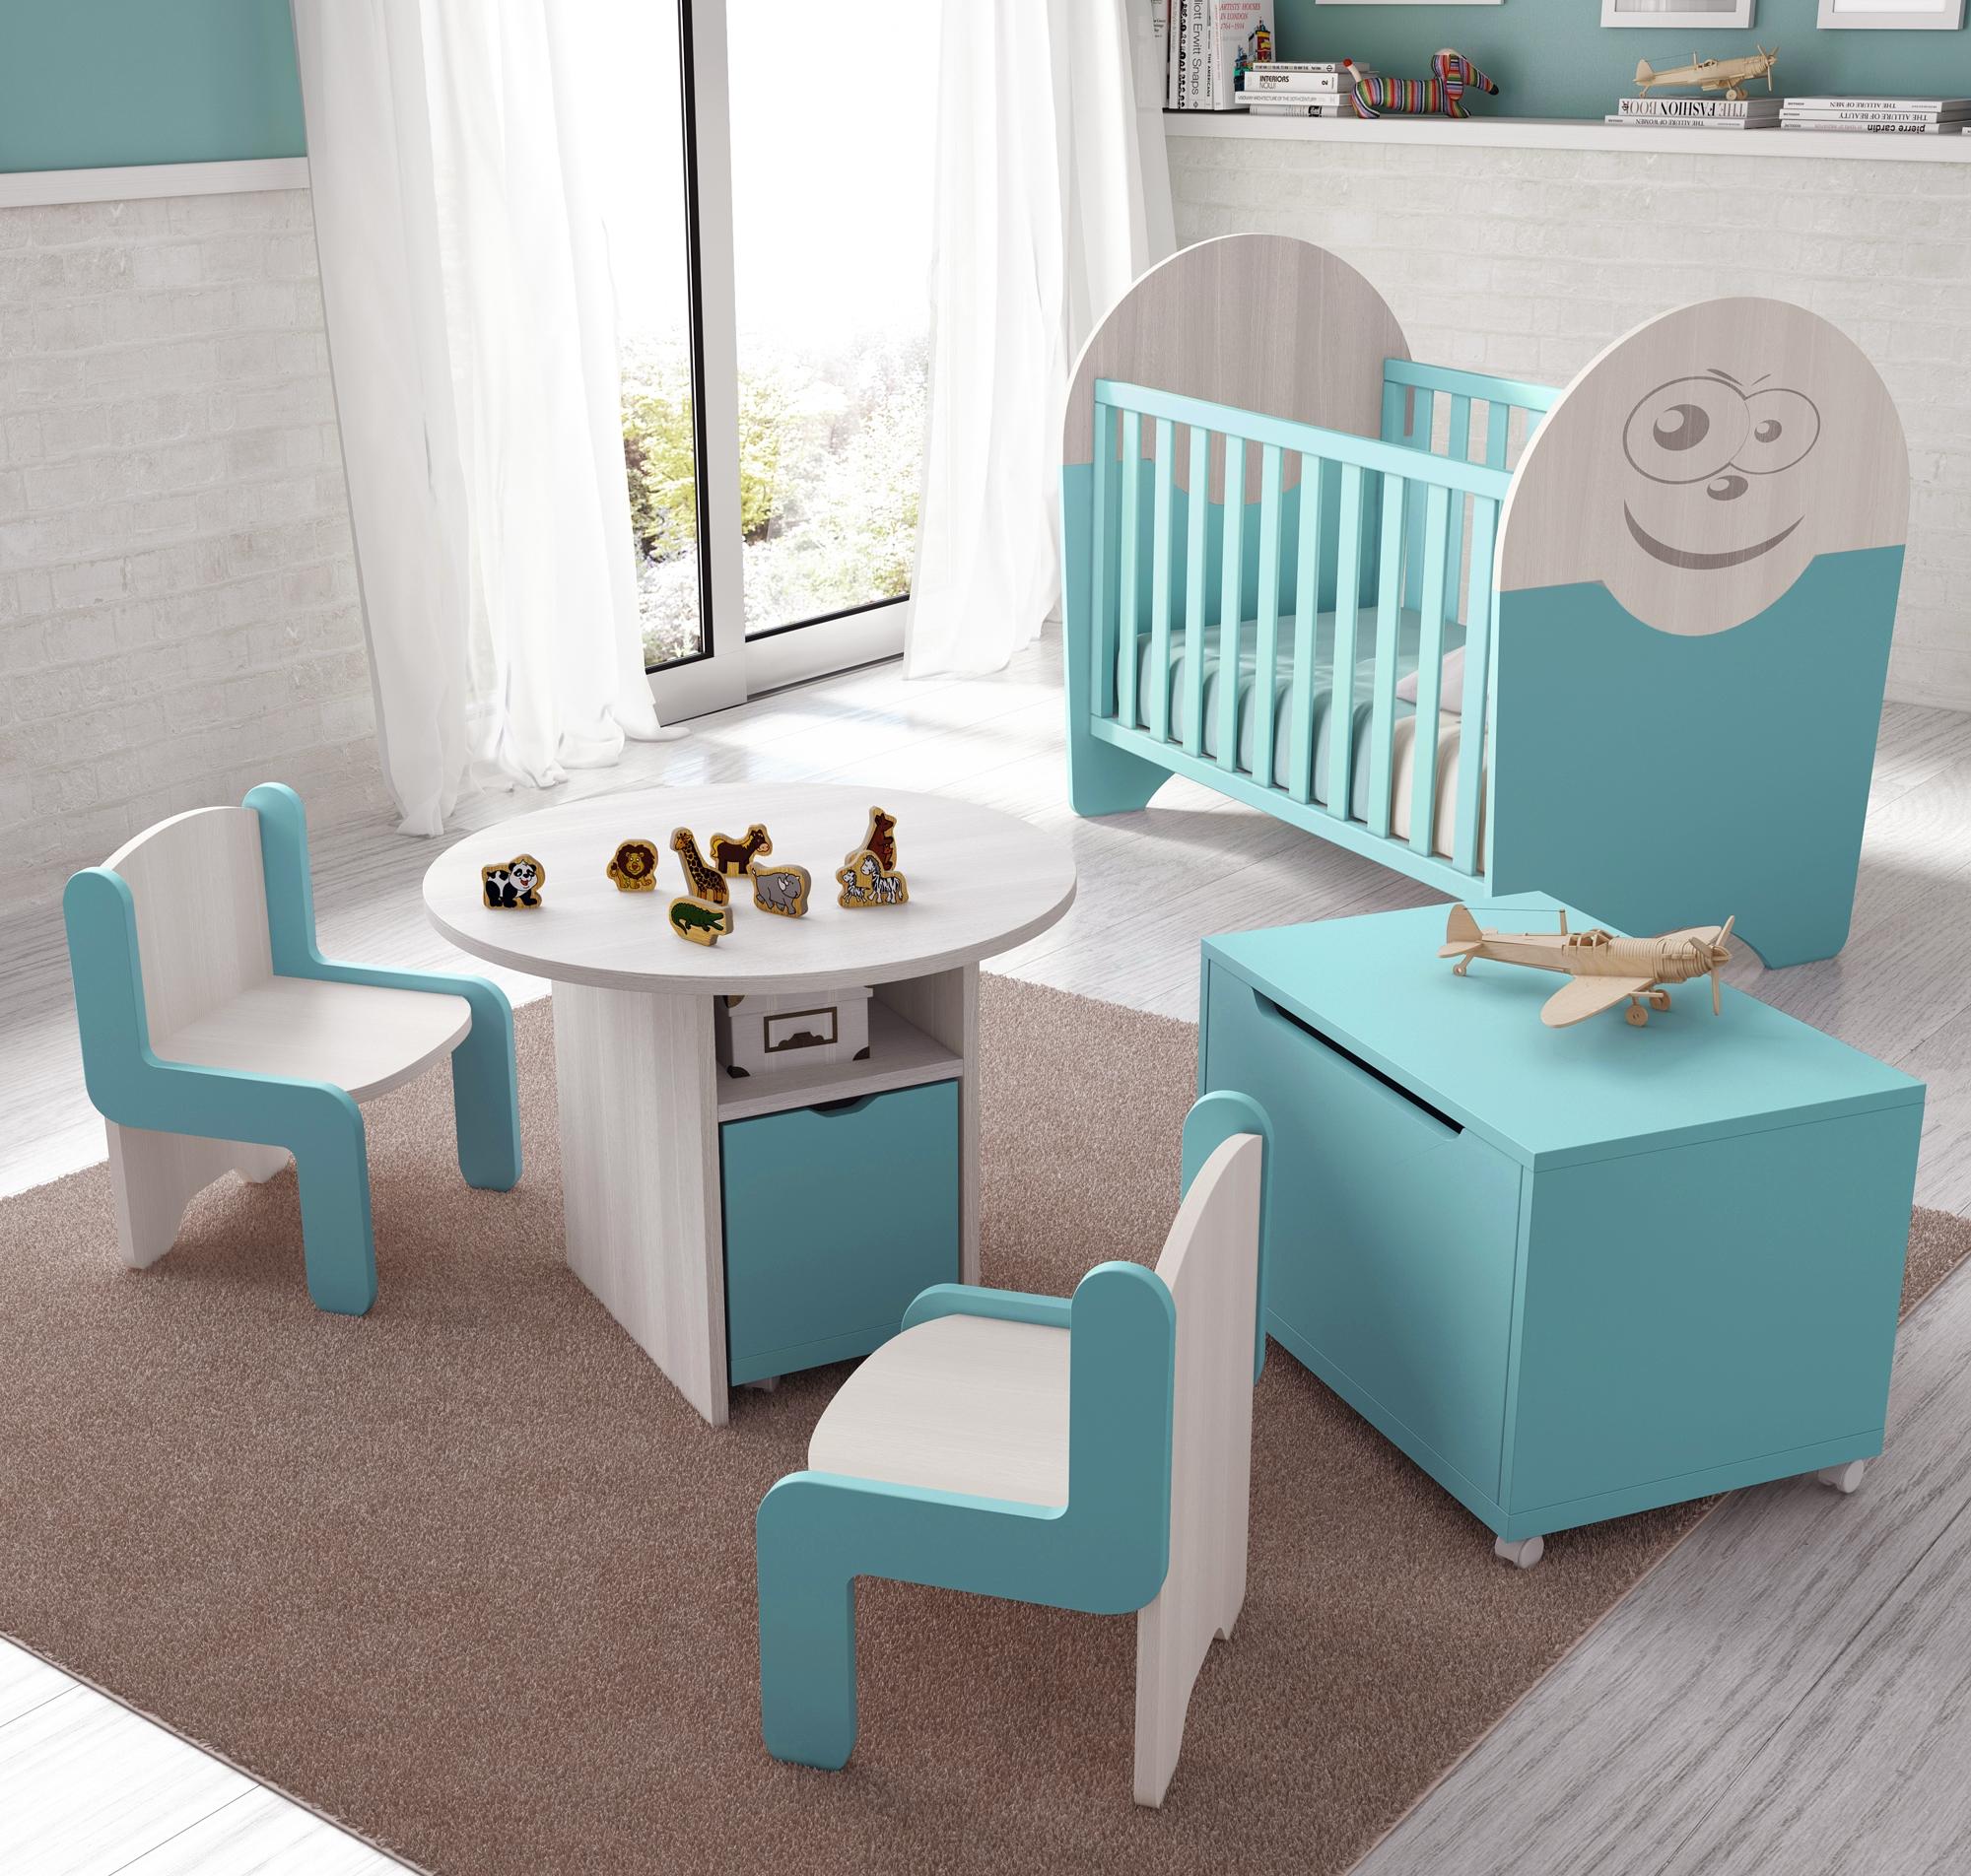 Chambre de bébé plete Small fun et colorée GLICERIO SO NUIT